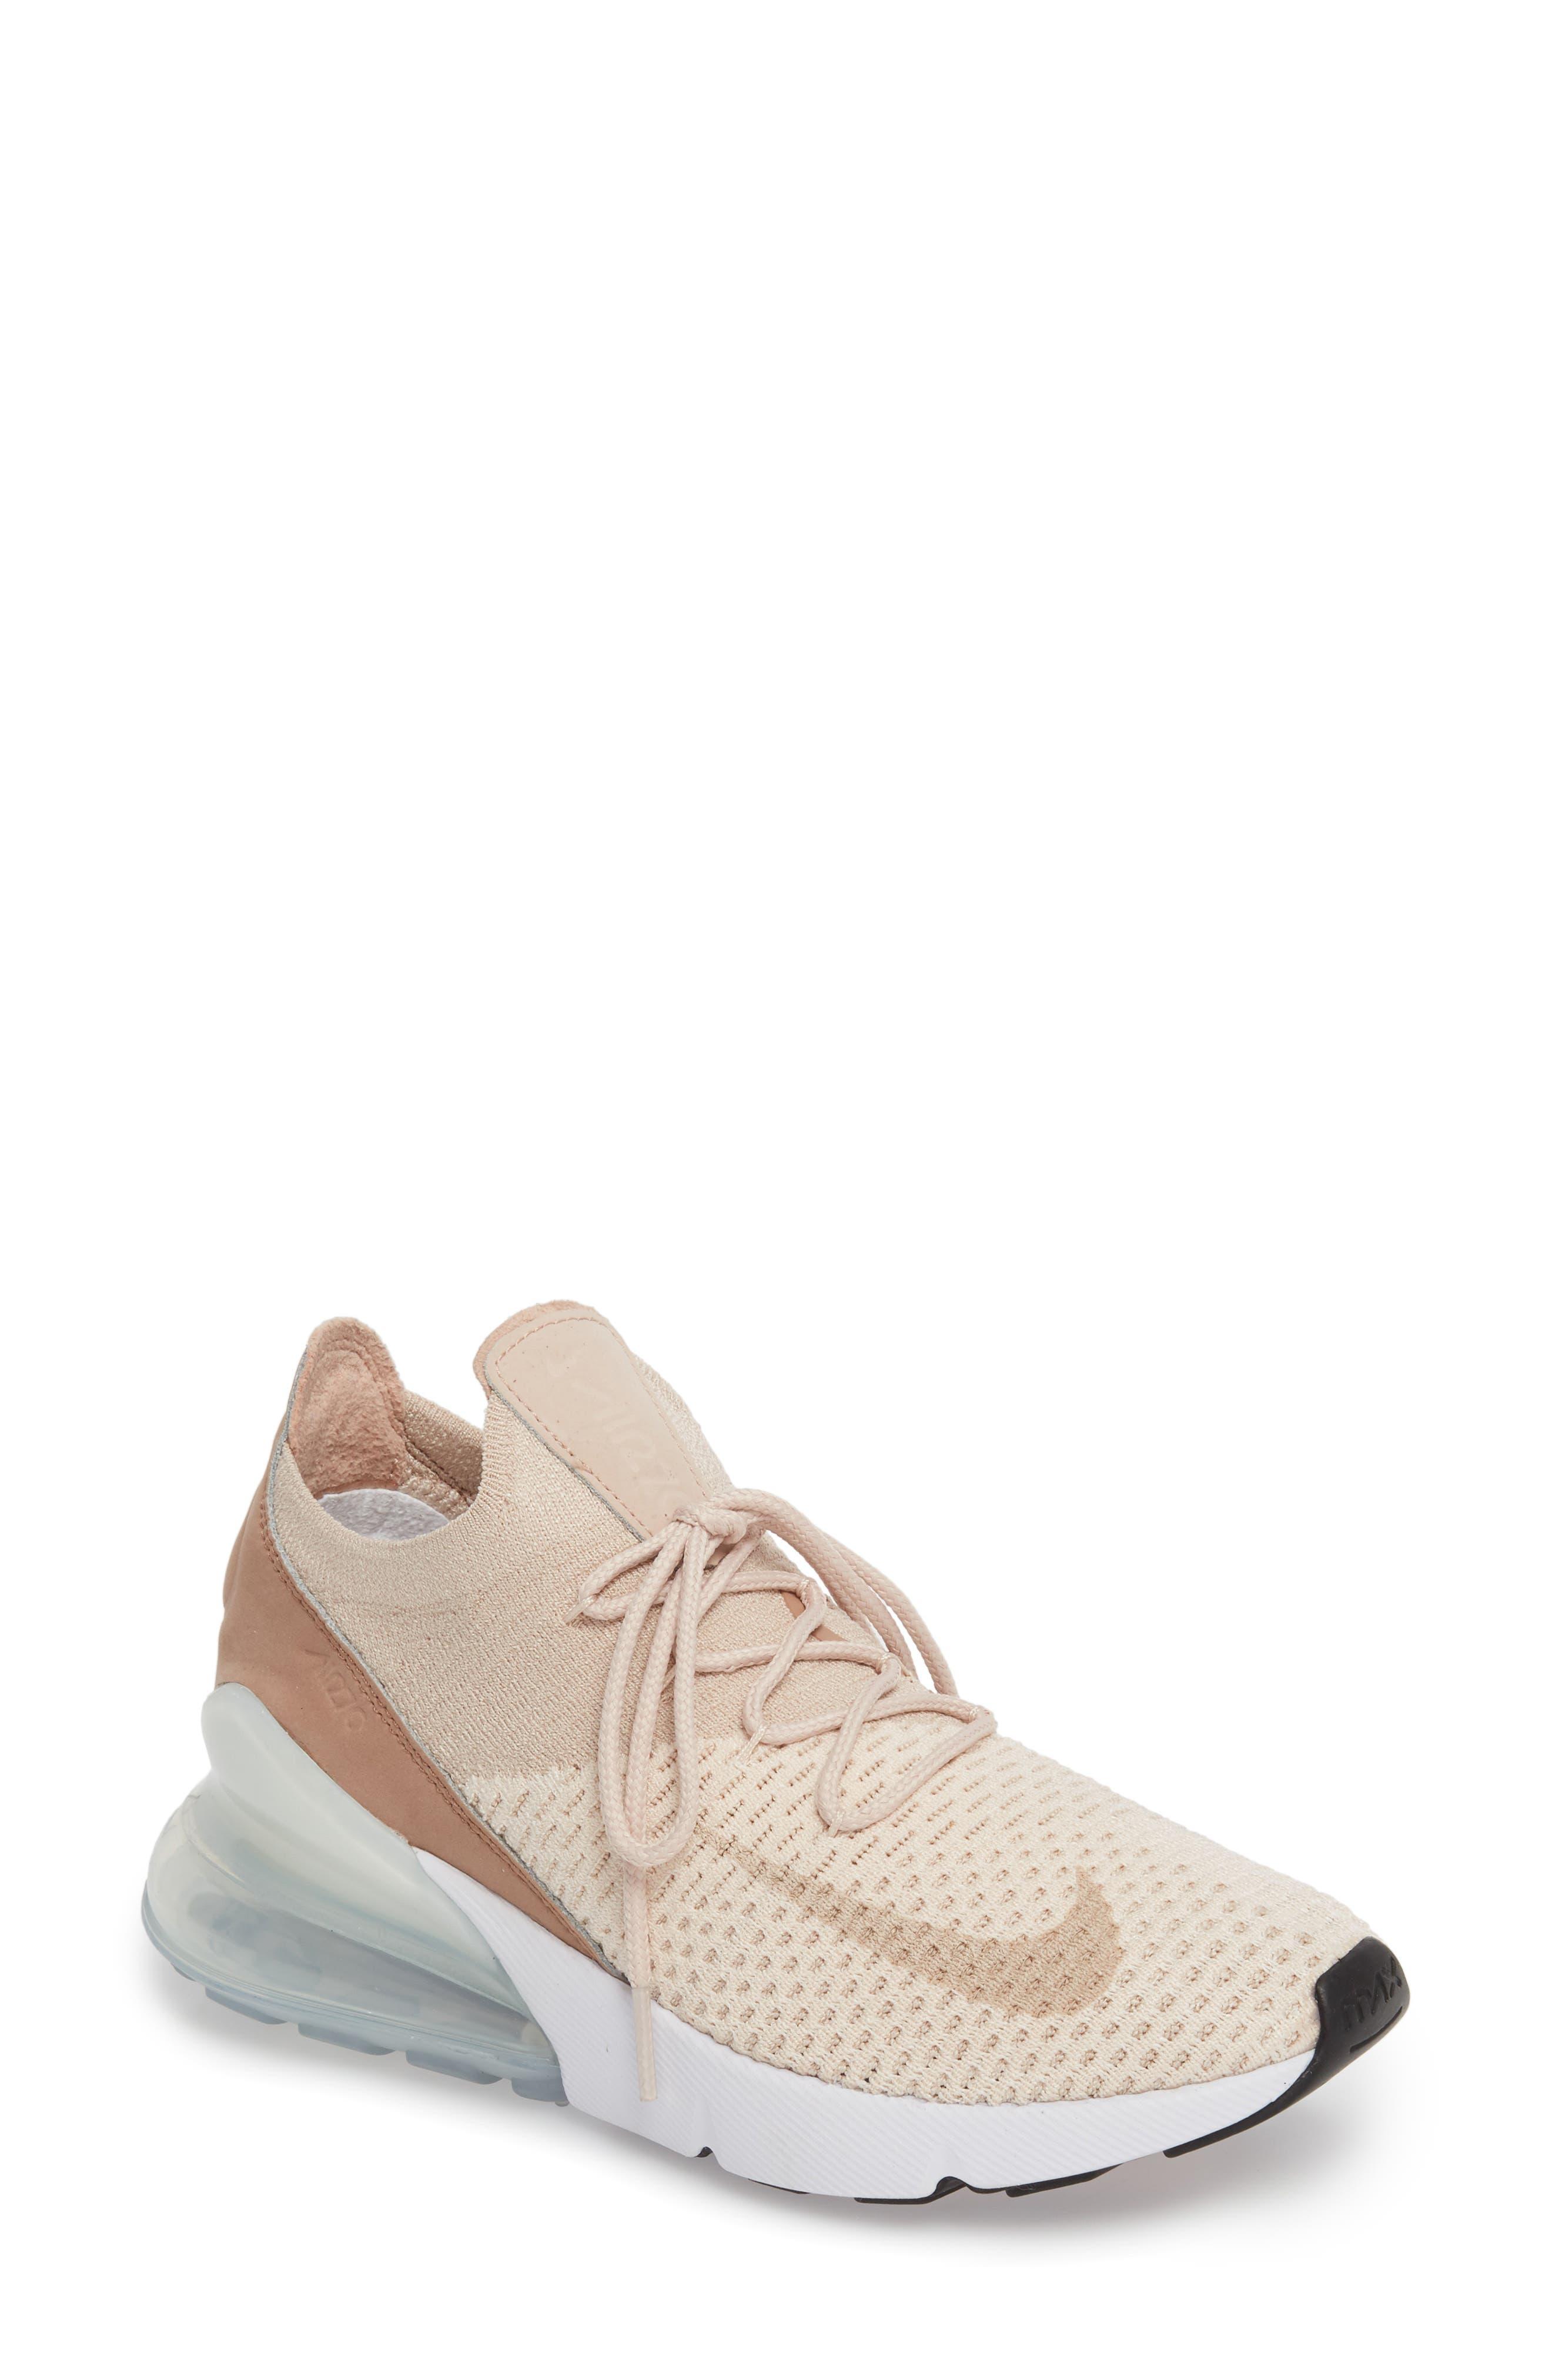 Air Max 270 Flyknit Sneaker,                             Main thumbnail 8, color,